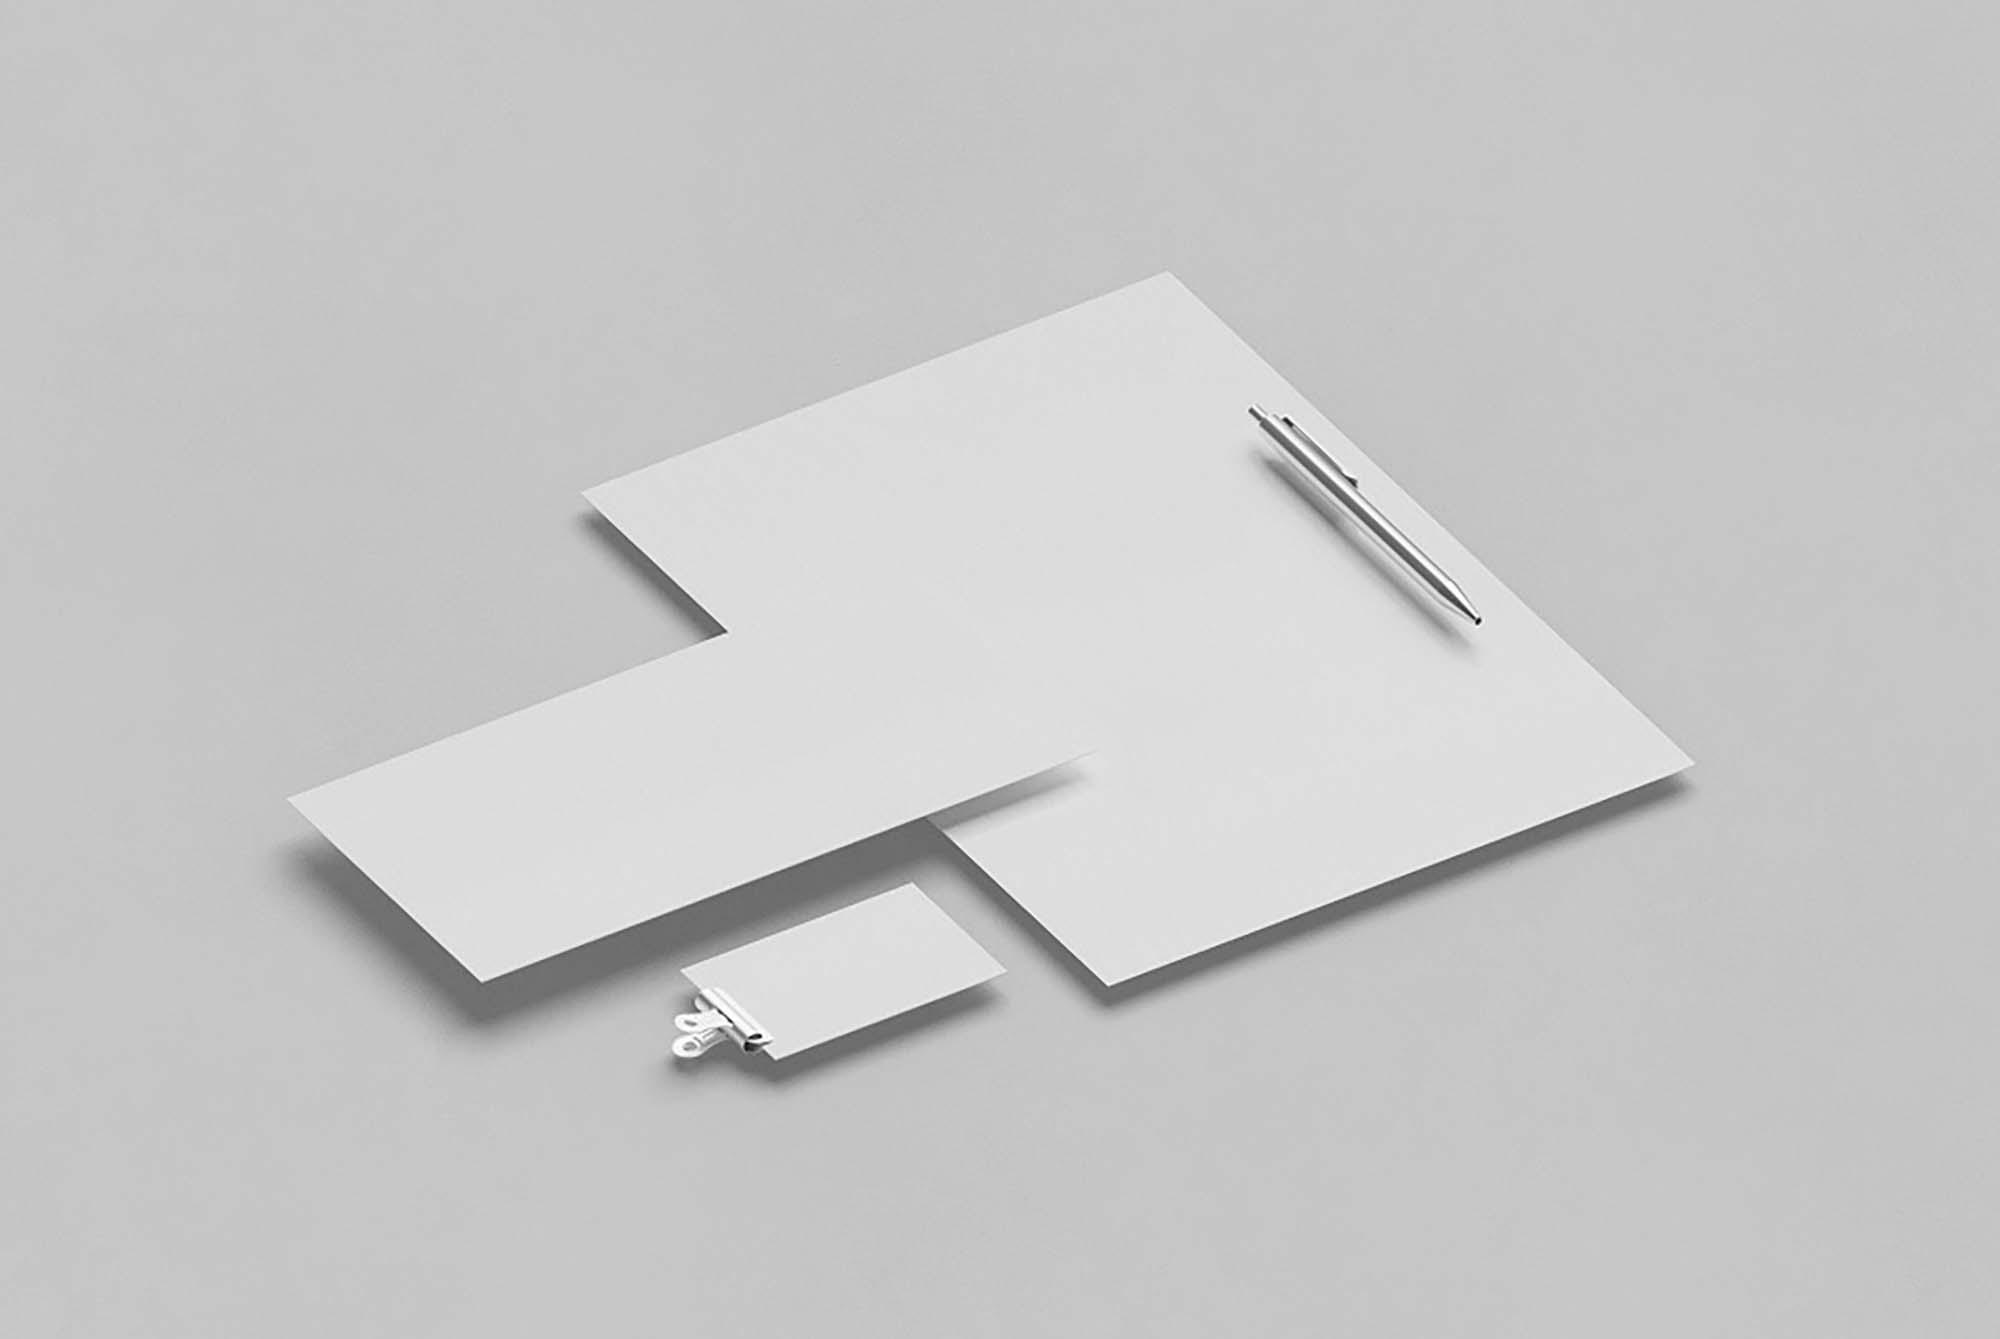 Basic Isometric Stationery Mockup 2